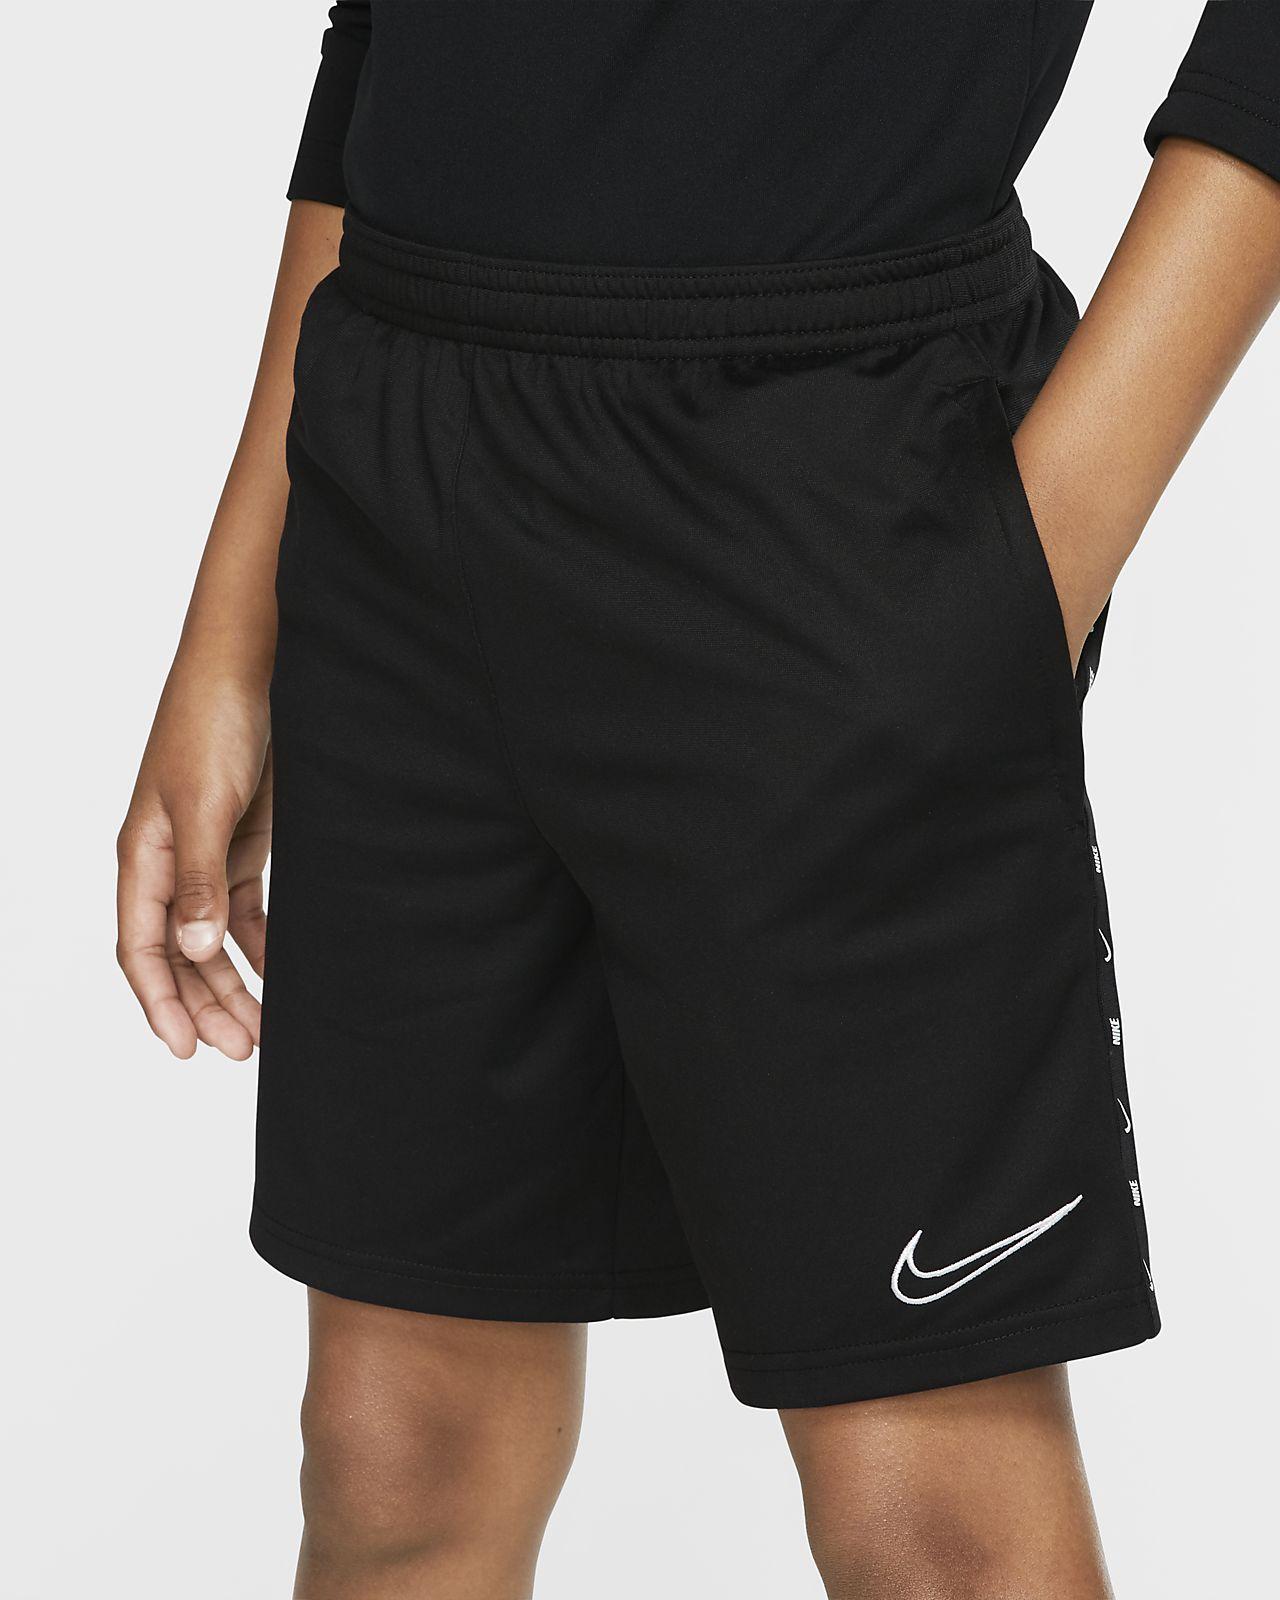 Chlapecké fotbalové kraťasy Nike Dri-FIT Academy